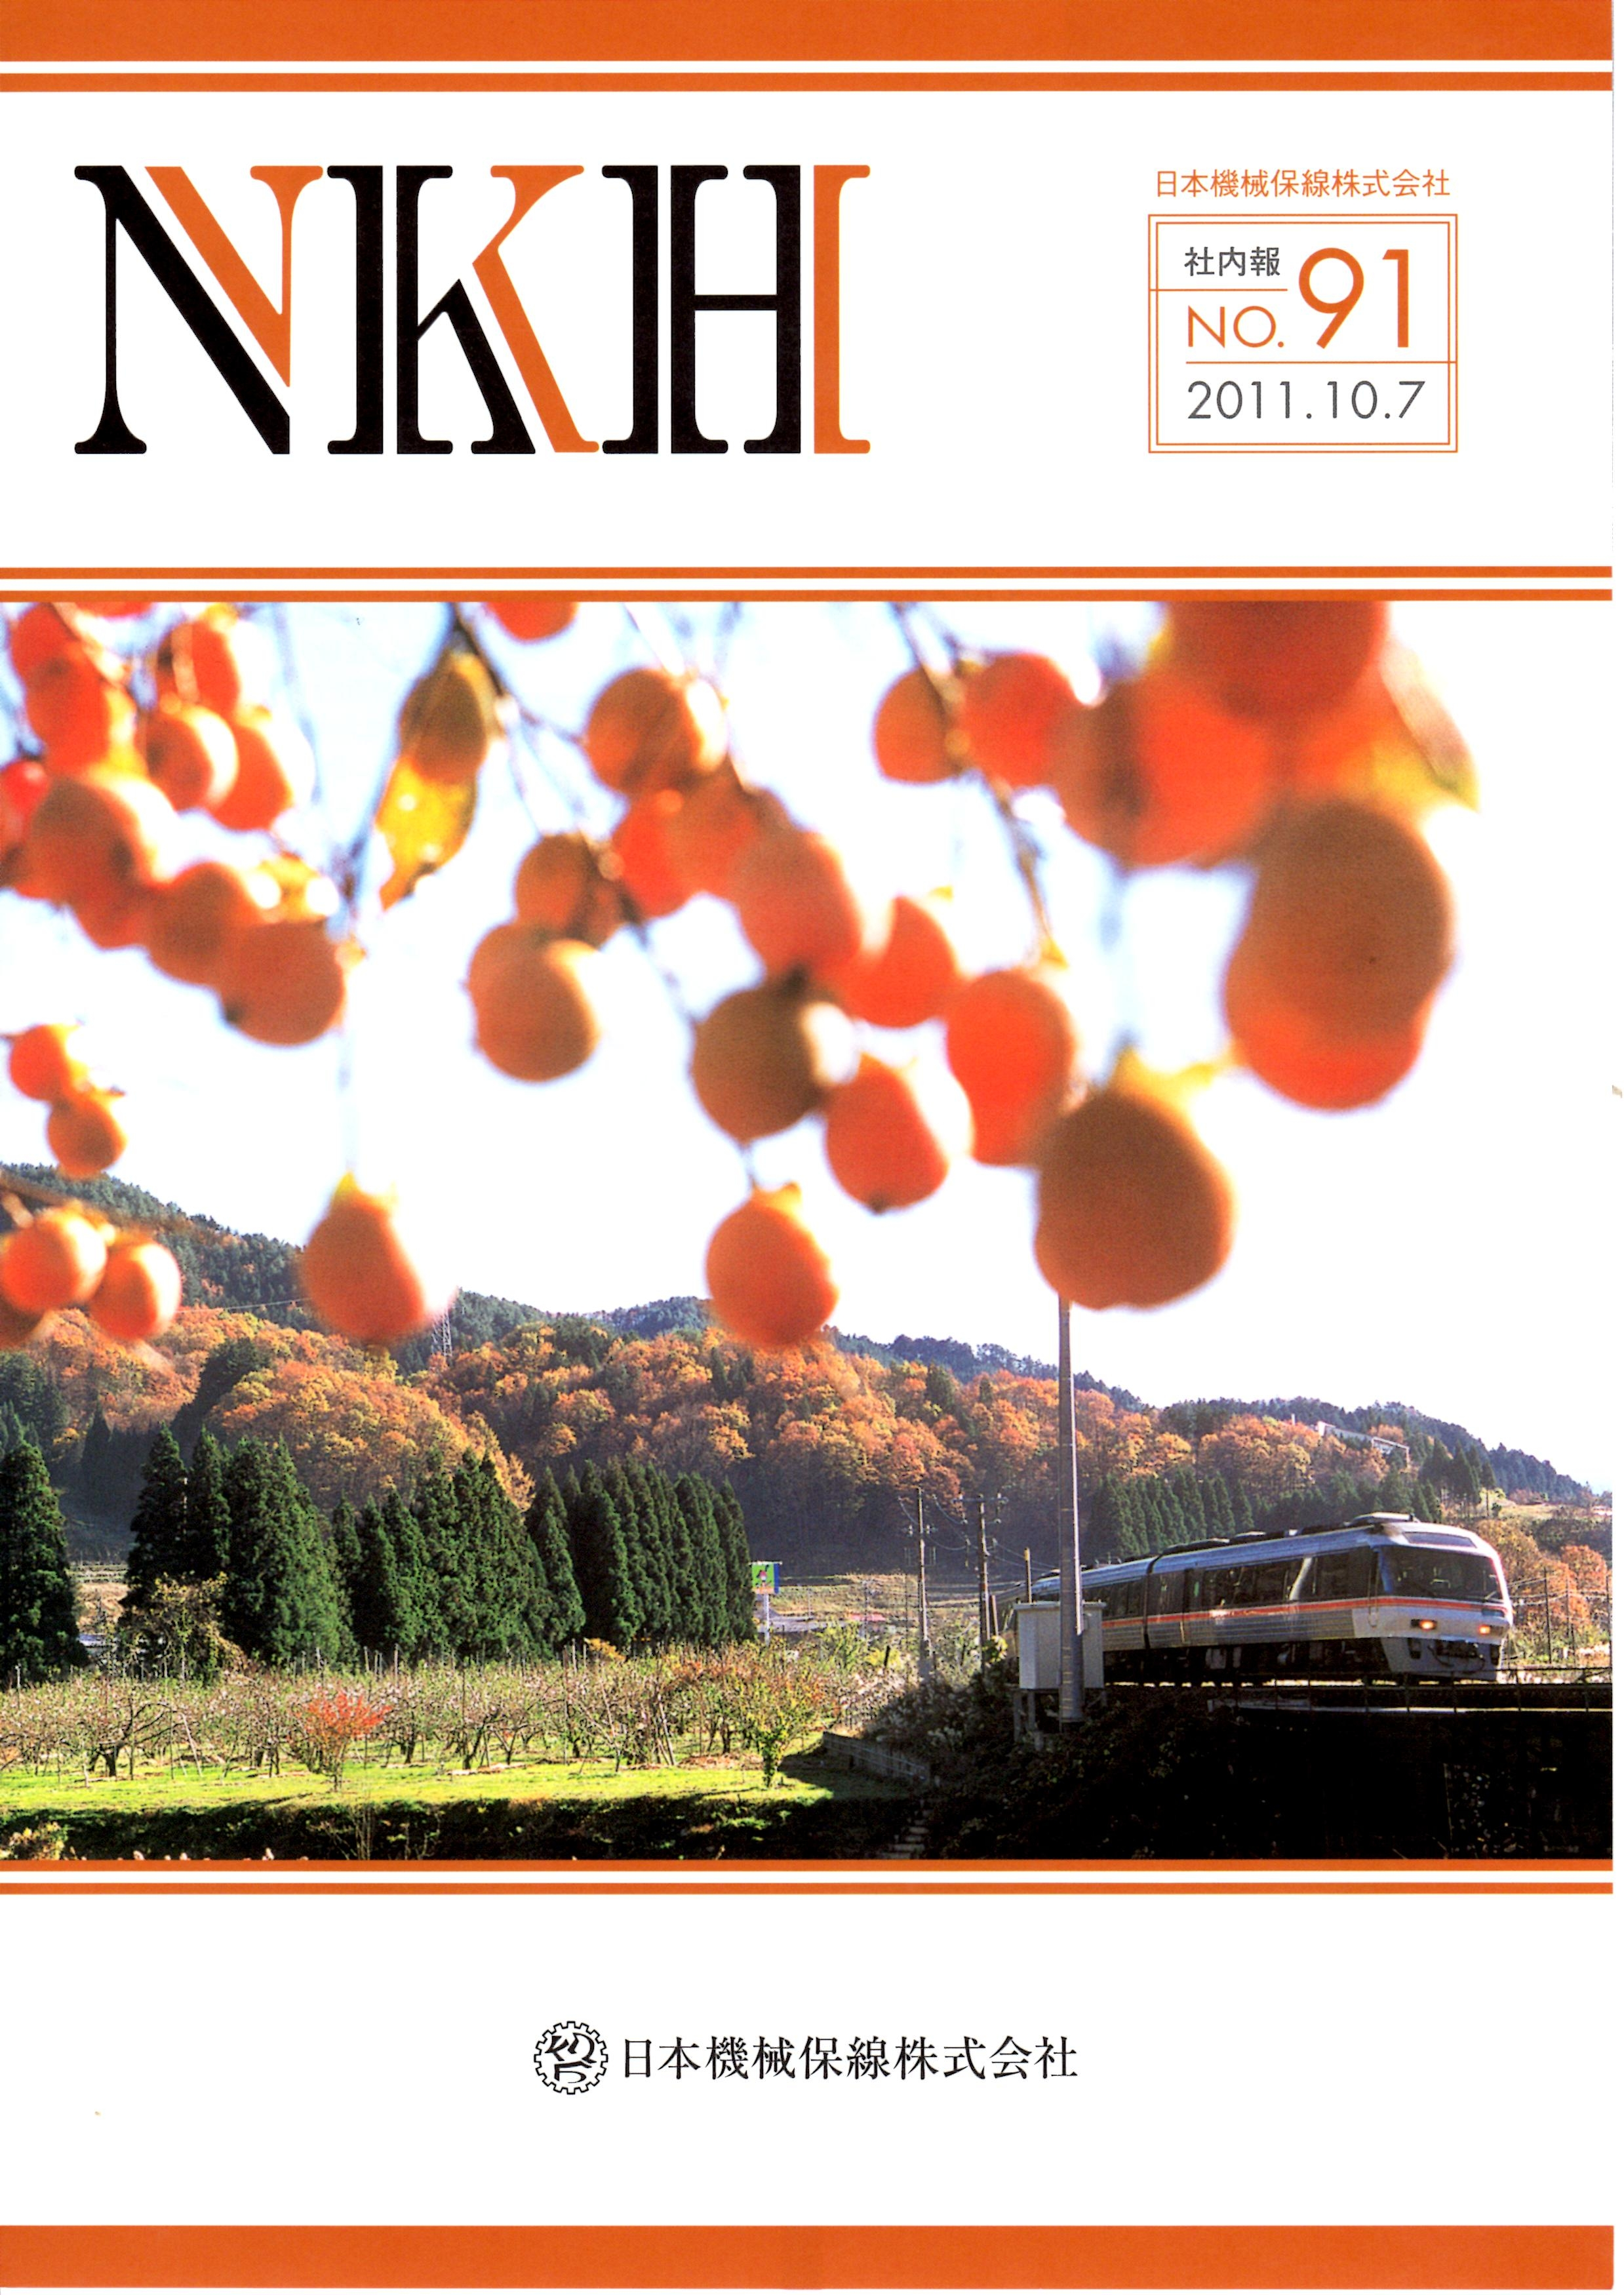 NKH91.jpg